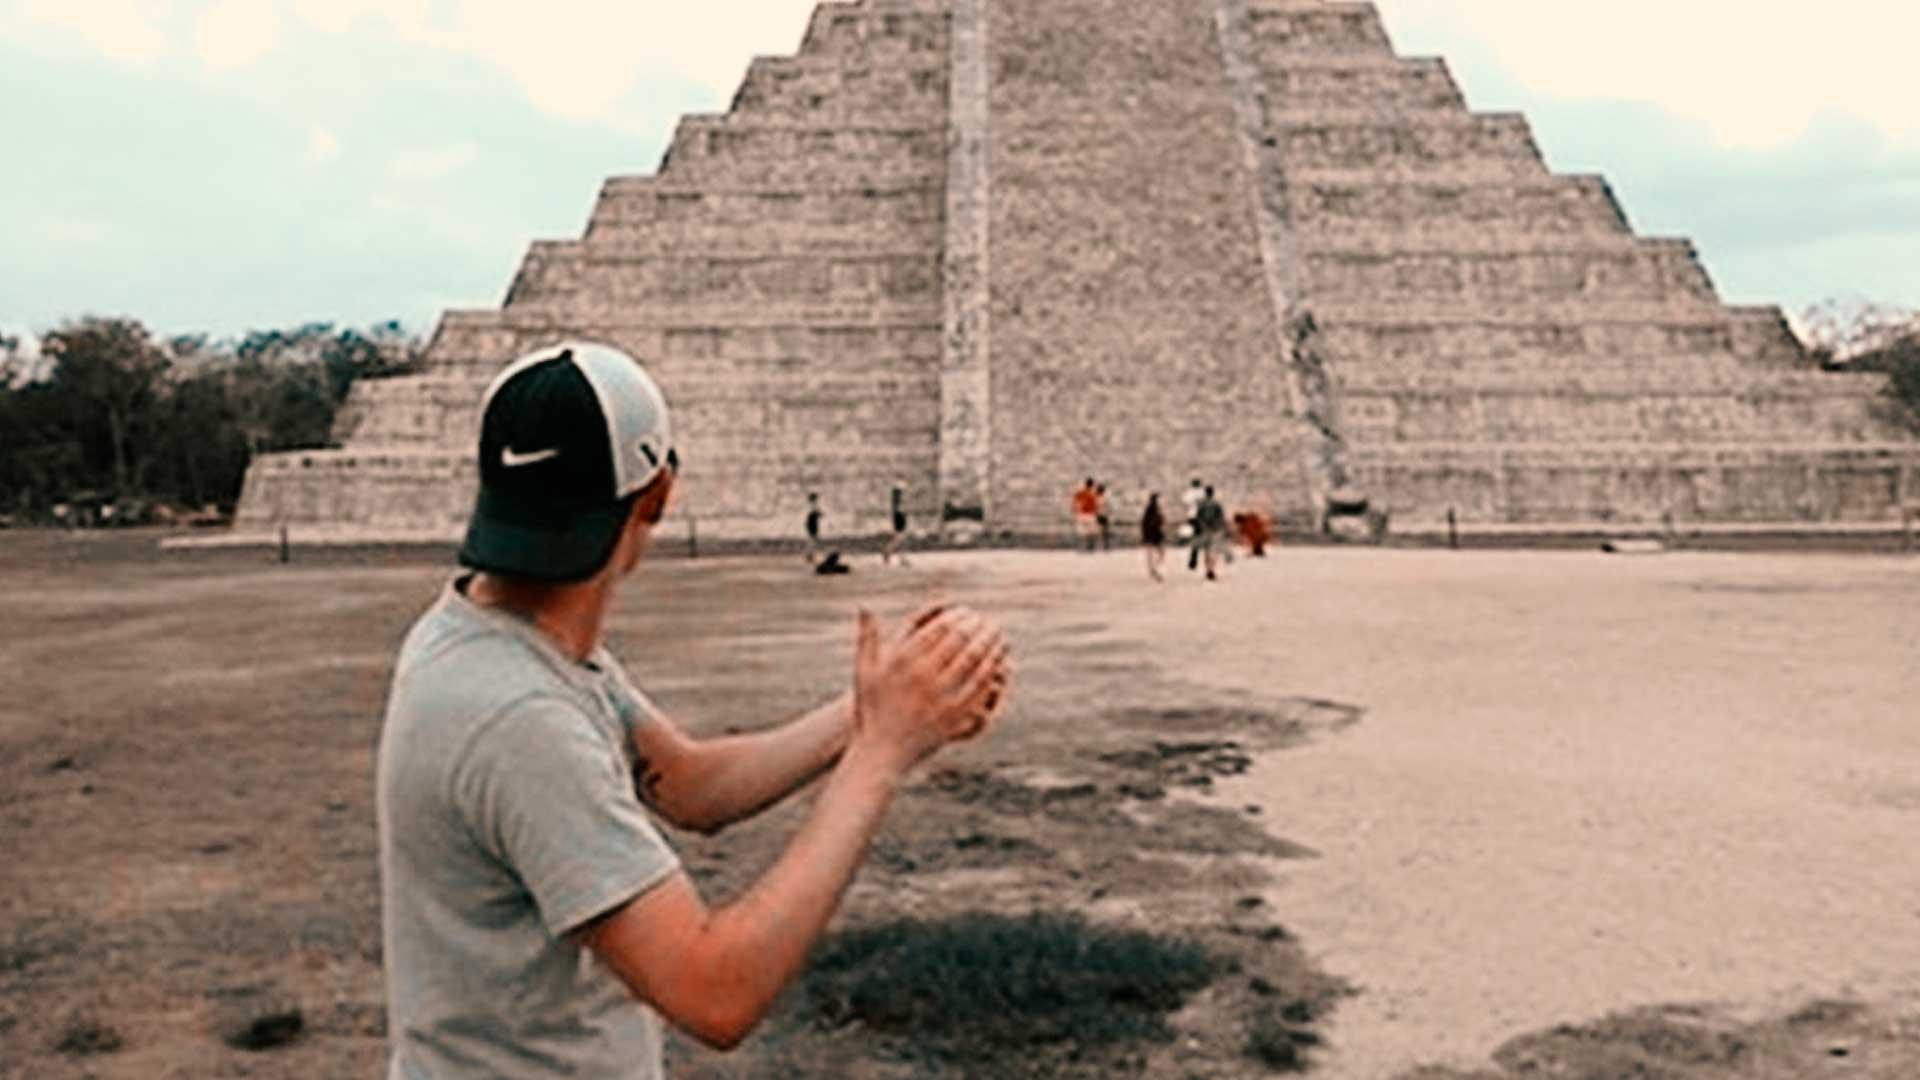 Aplaudir frente a la pirámide de Kukulkan revela un sonido que hasta ahora nadie sabía que existía